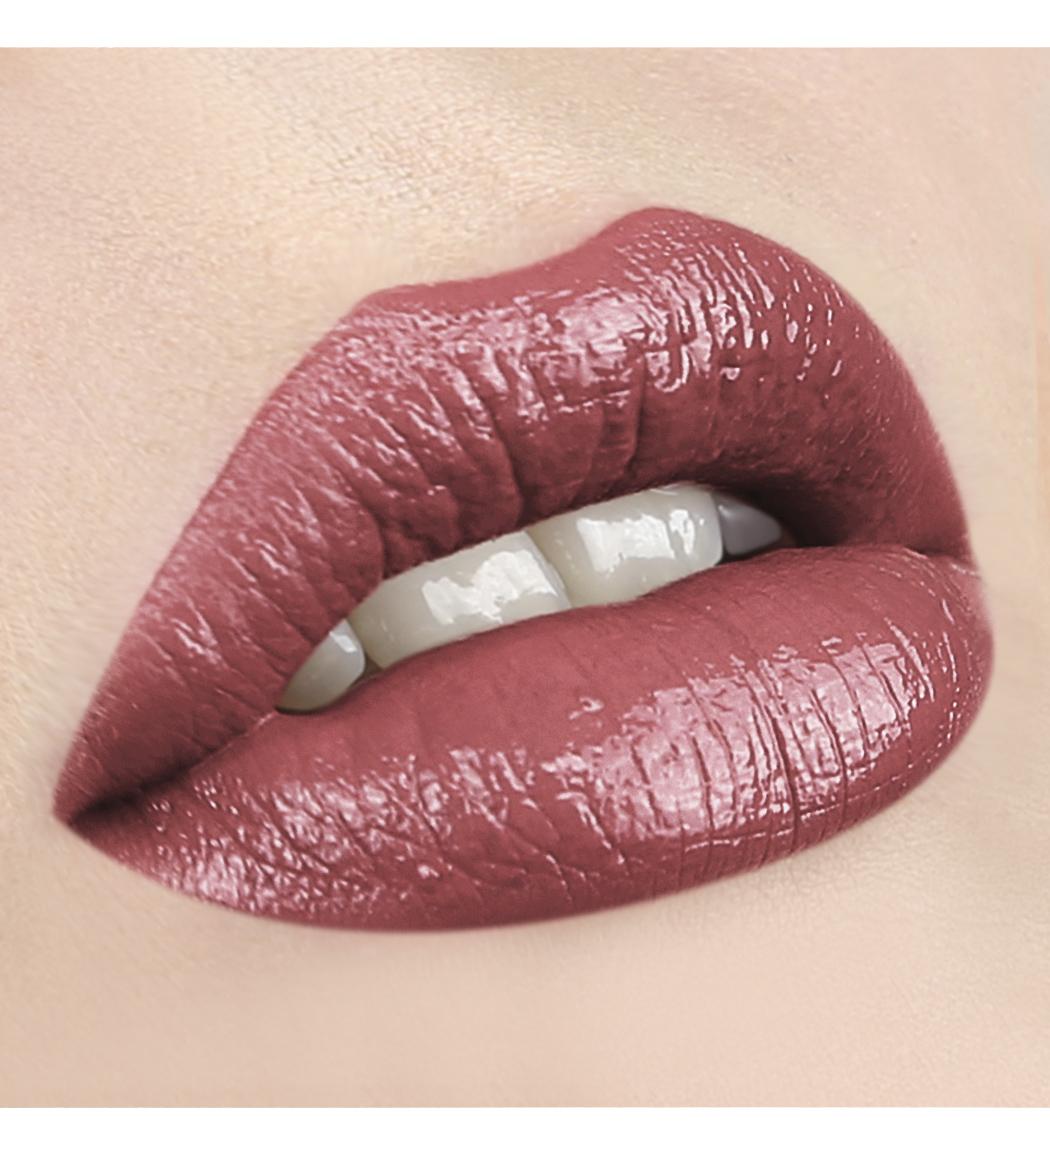 LUXVISAGE-55 розово-коричневый с жемчужным мерцанием